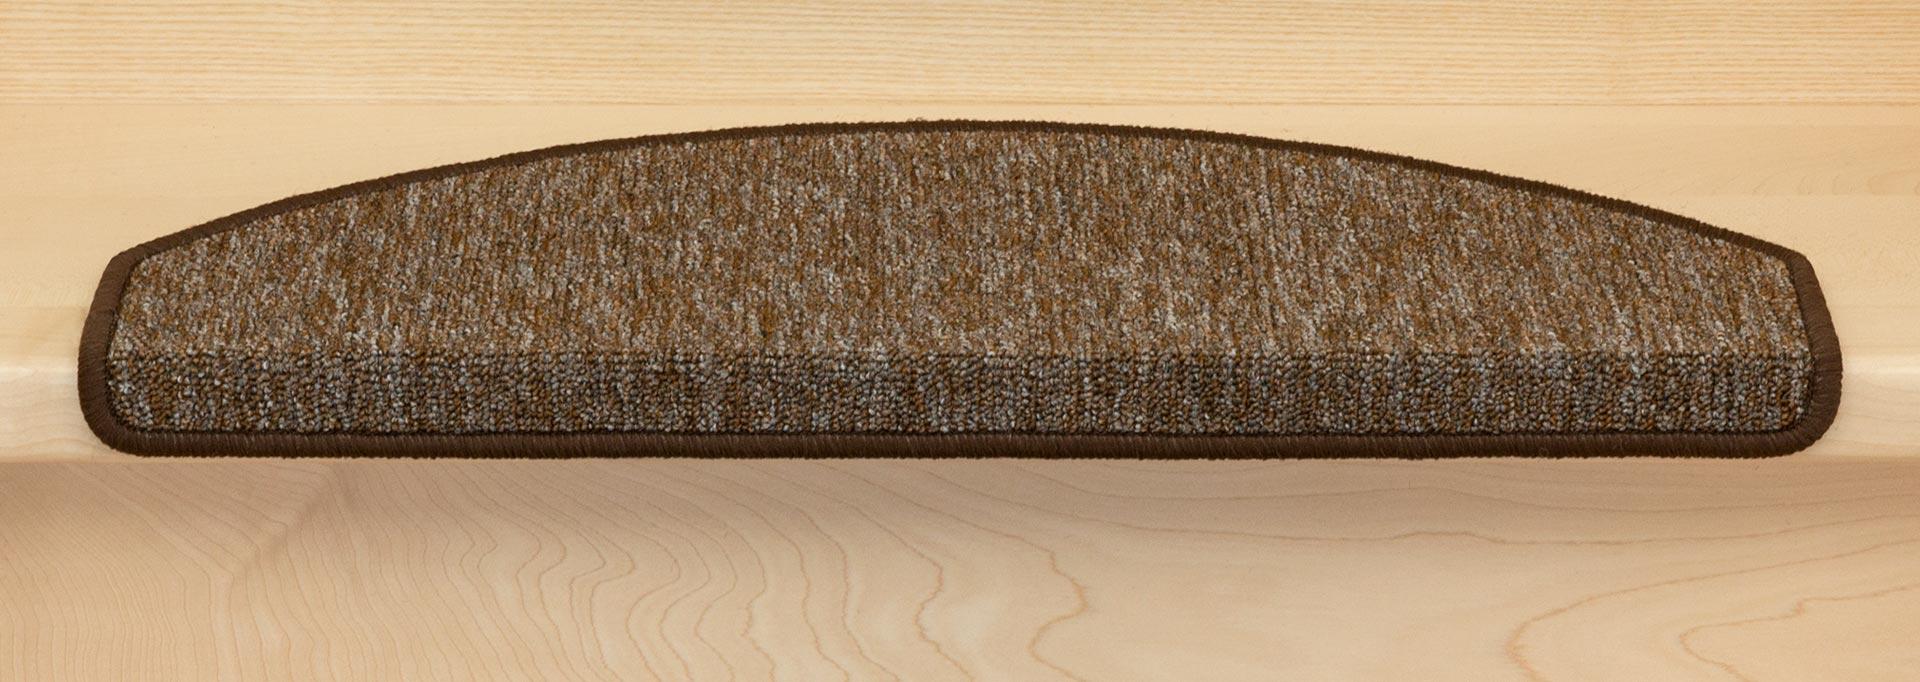 Stufenmatten-Rambo-New-versch-Farb-u-Set-Varianten-10-30-Stk-amp-Fleckentferner Indexbild 32